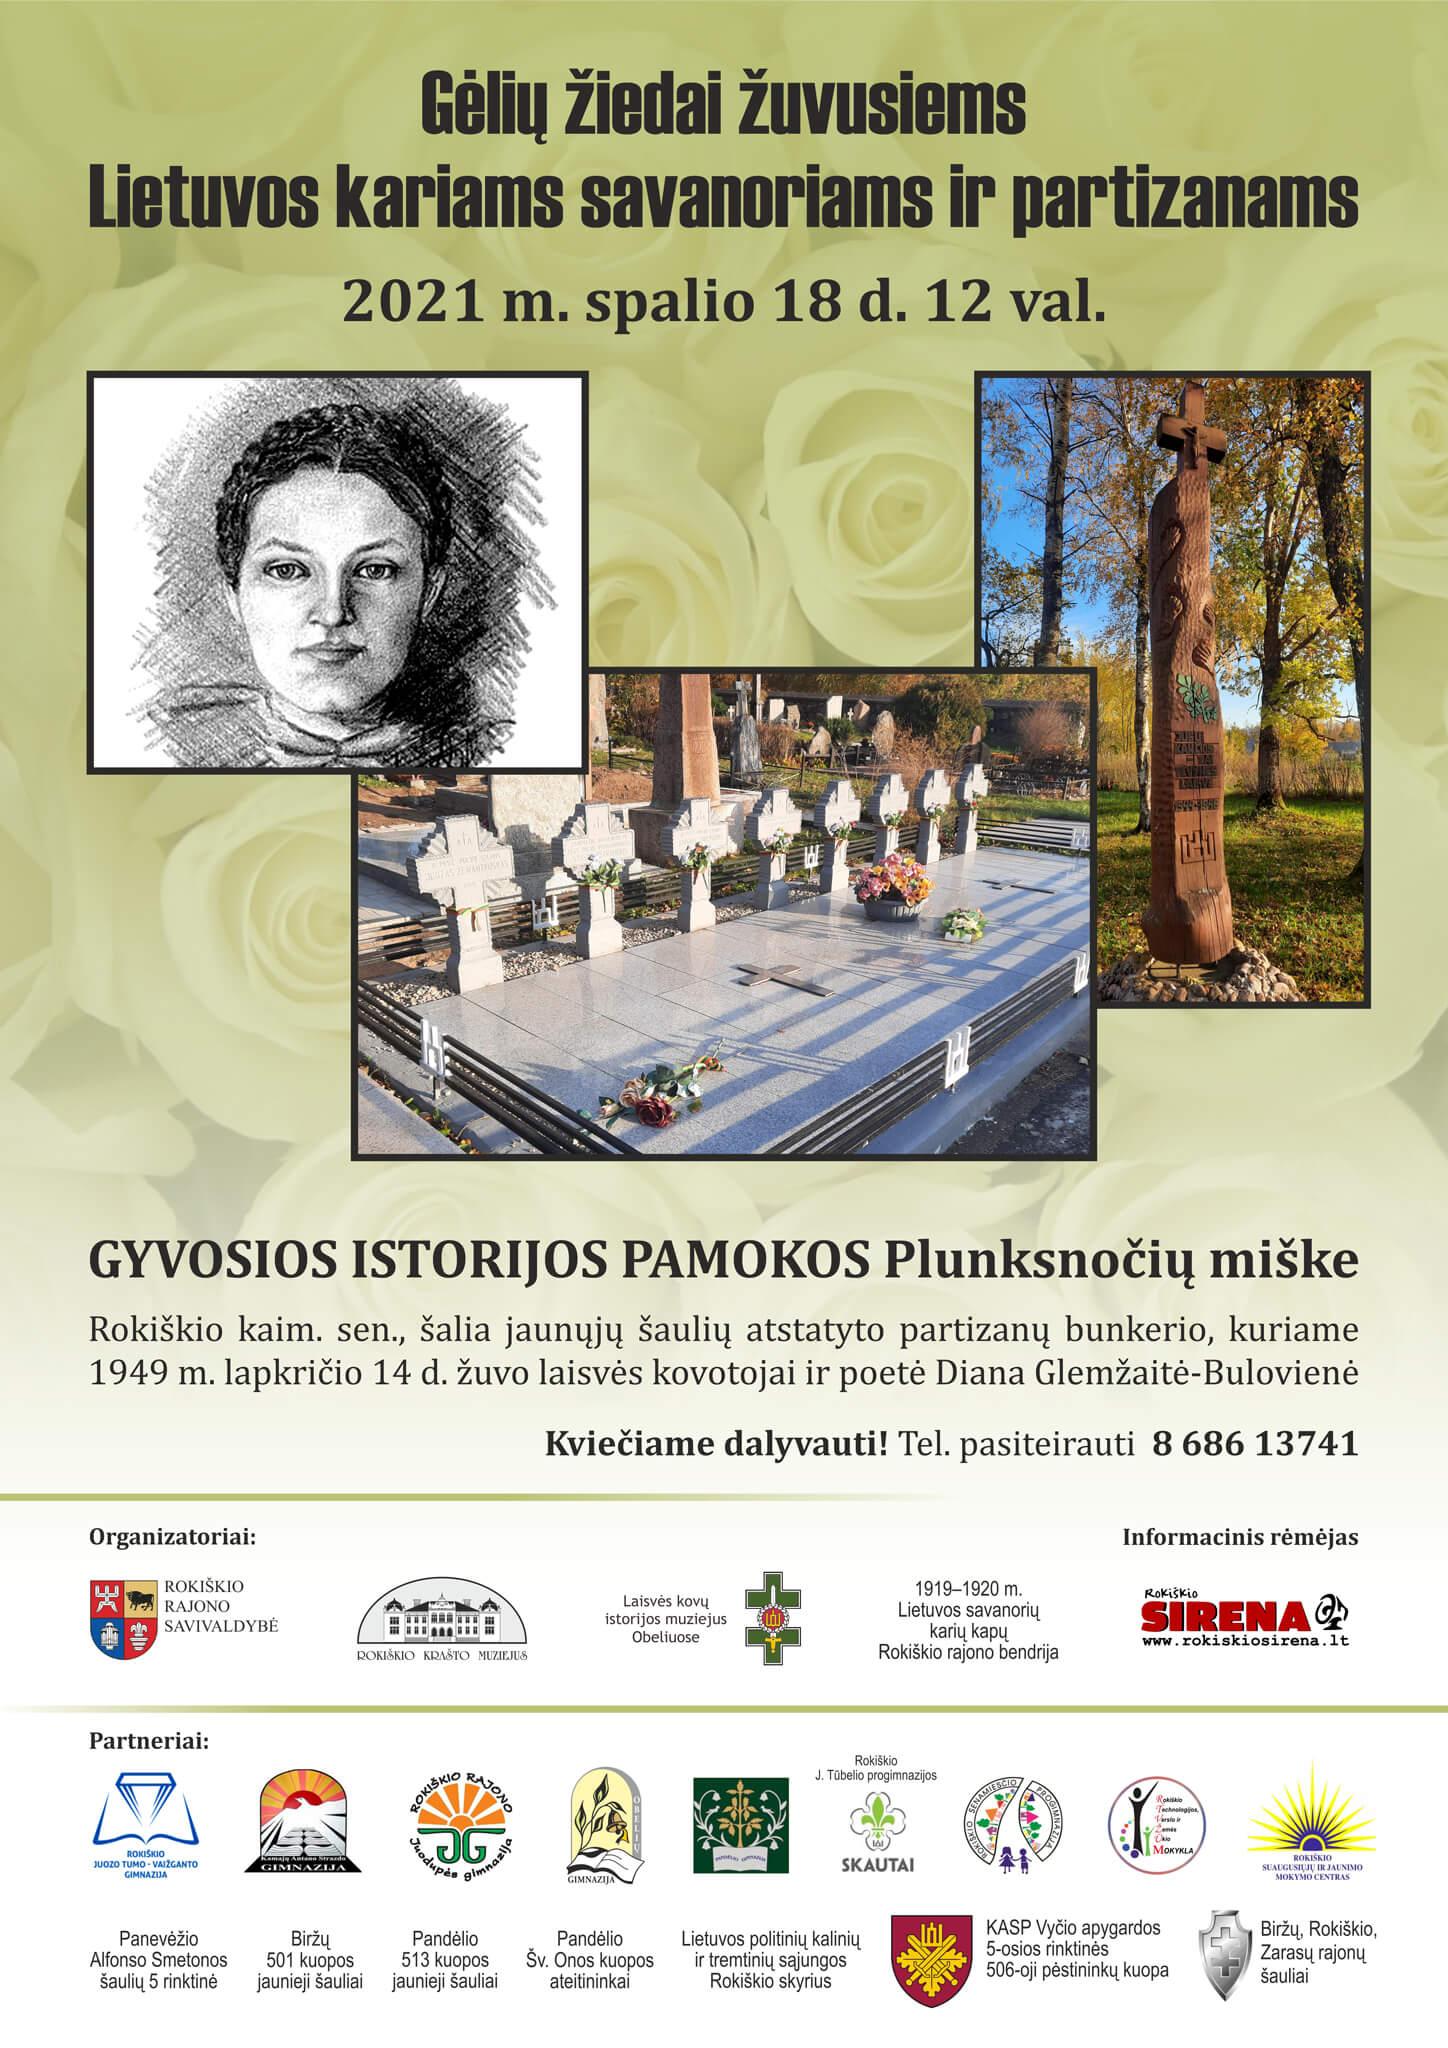 Gėlių žiedai žuvusiems Lietuvos kariams savanoriams ir partizanams